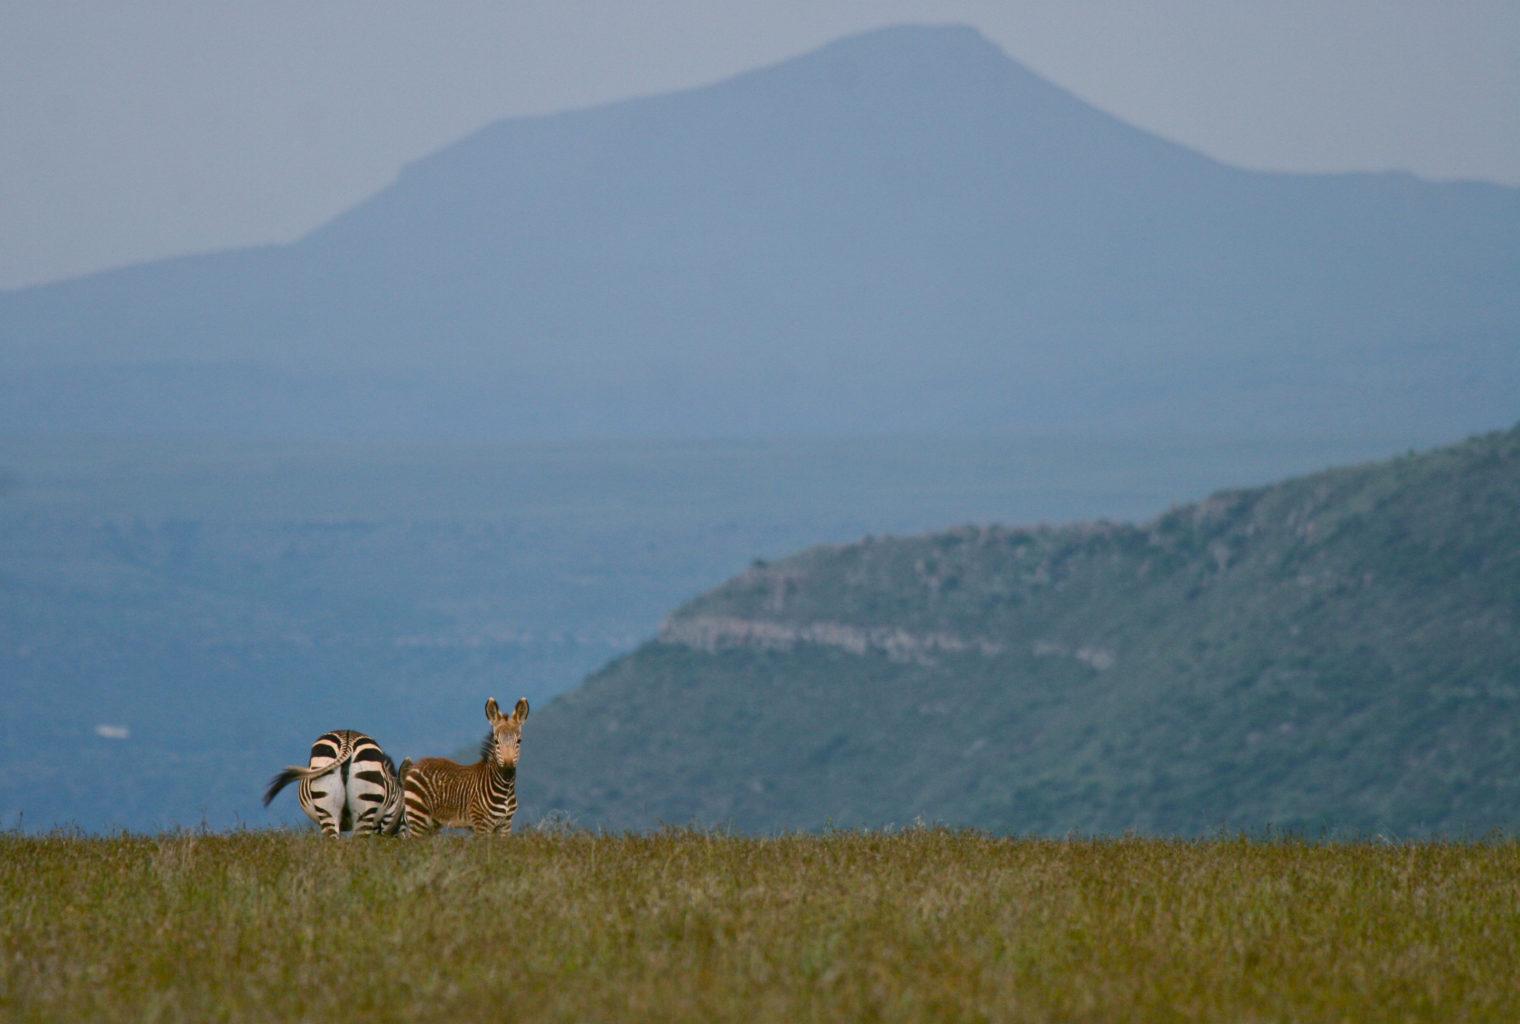 Zebra in The Great Karoo